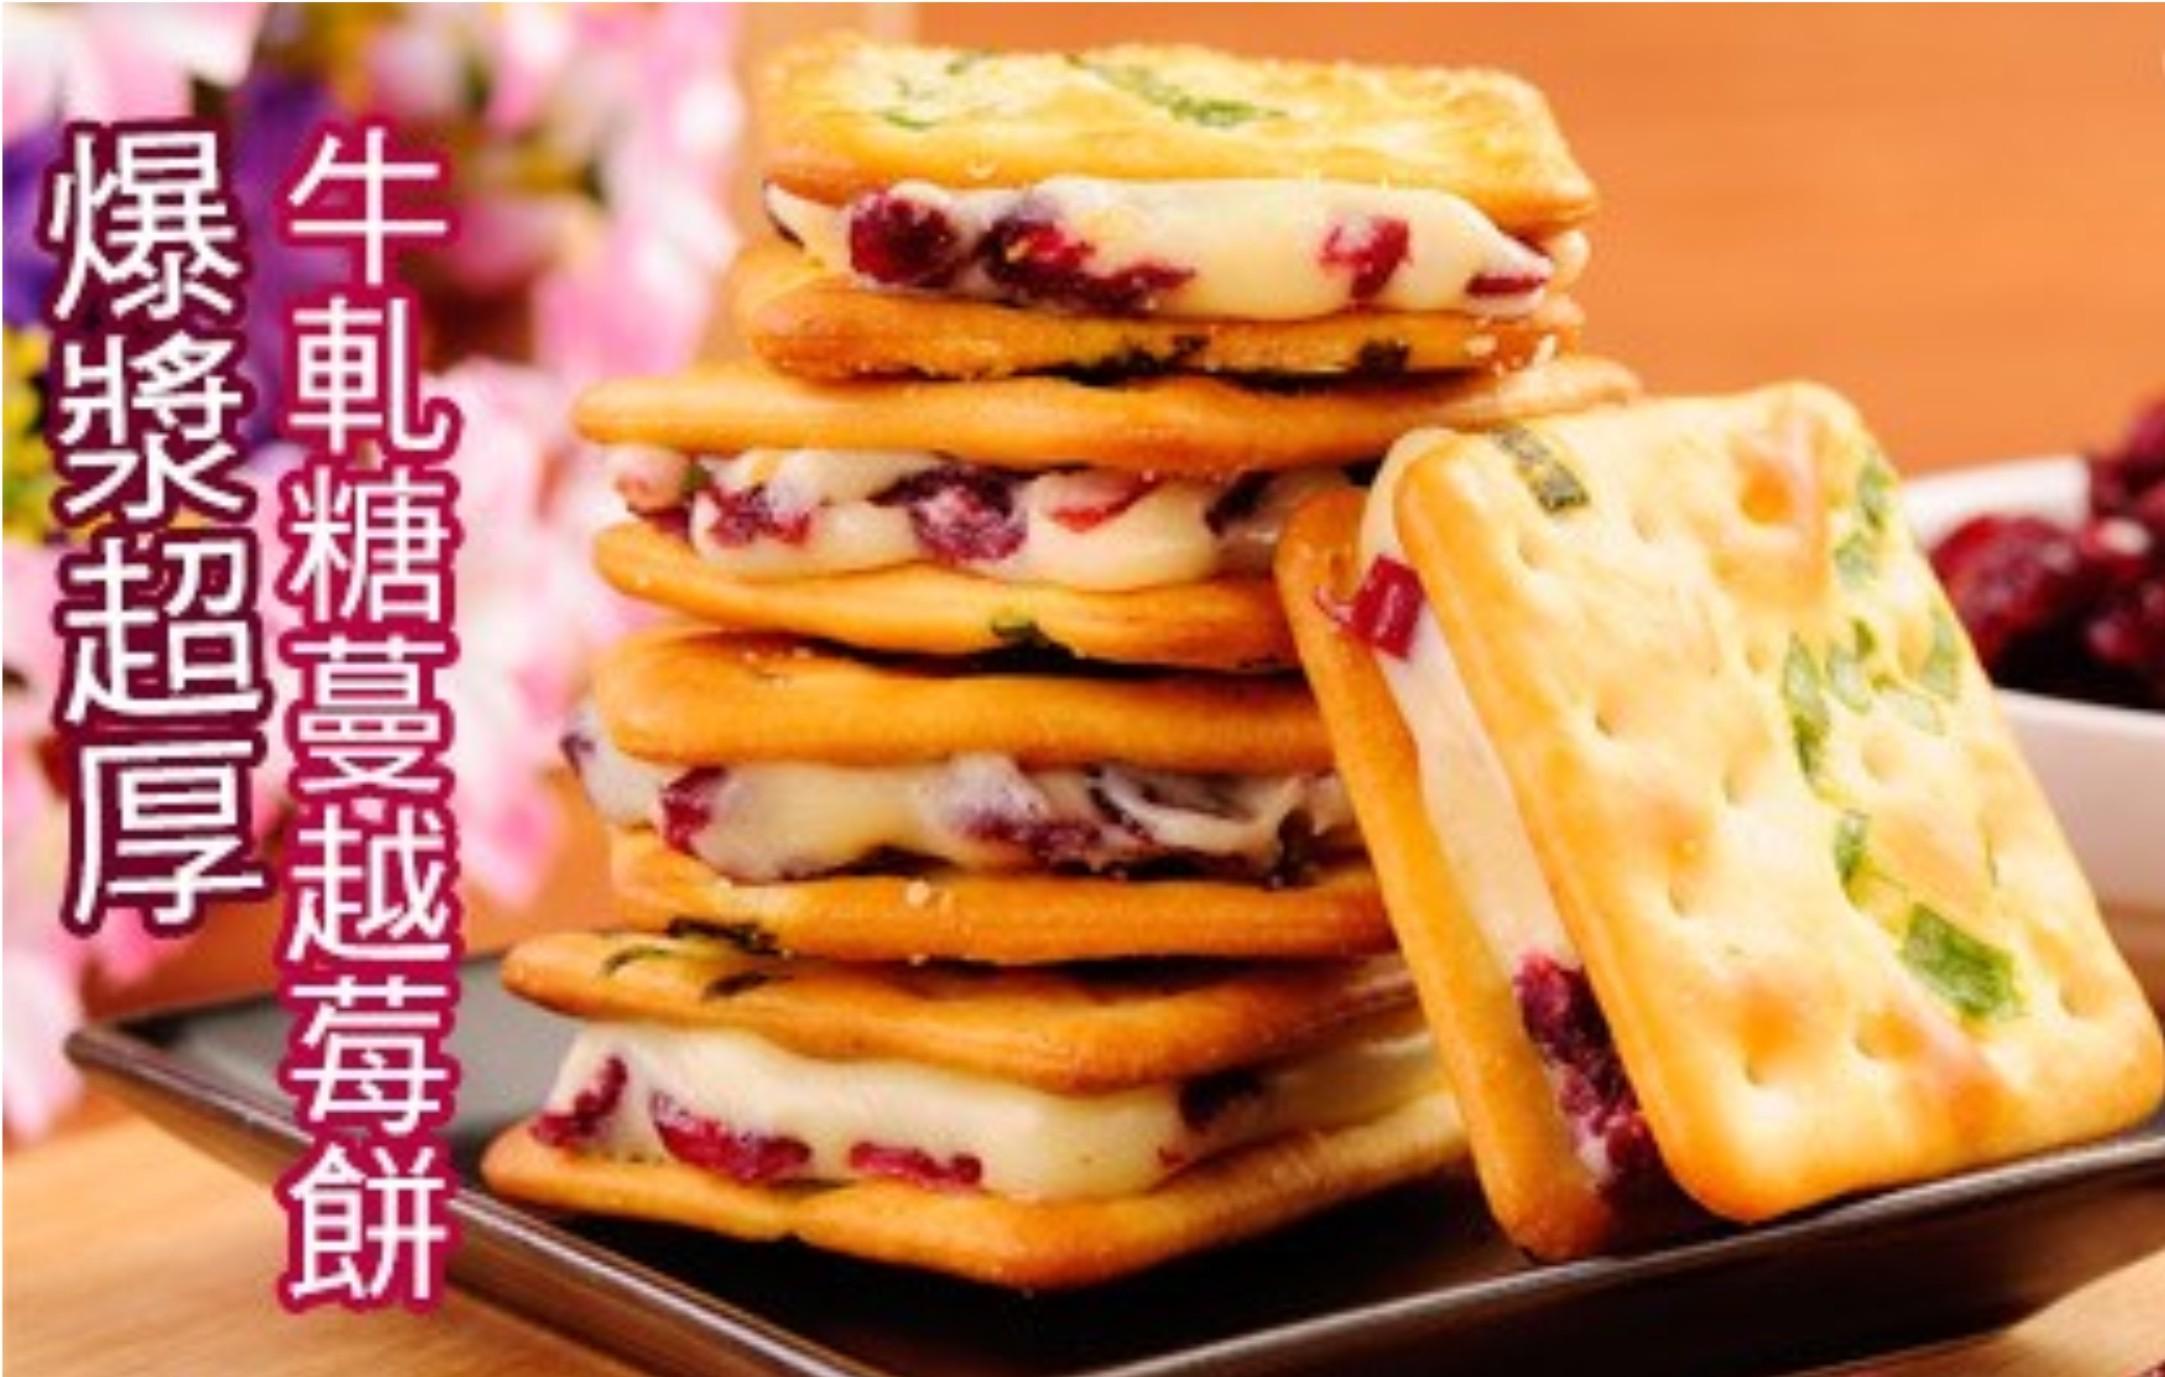 【蘿蒂烘焙坊】爆漿香酥厚實牛軋夾心餅(低糖/低熱量)/4包免運組(可備註加購手提紙袋2元)